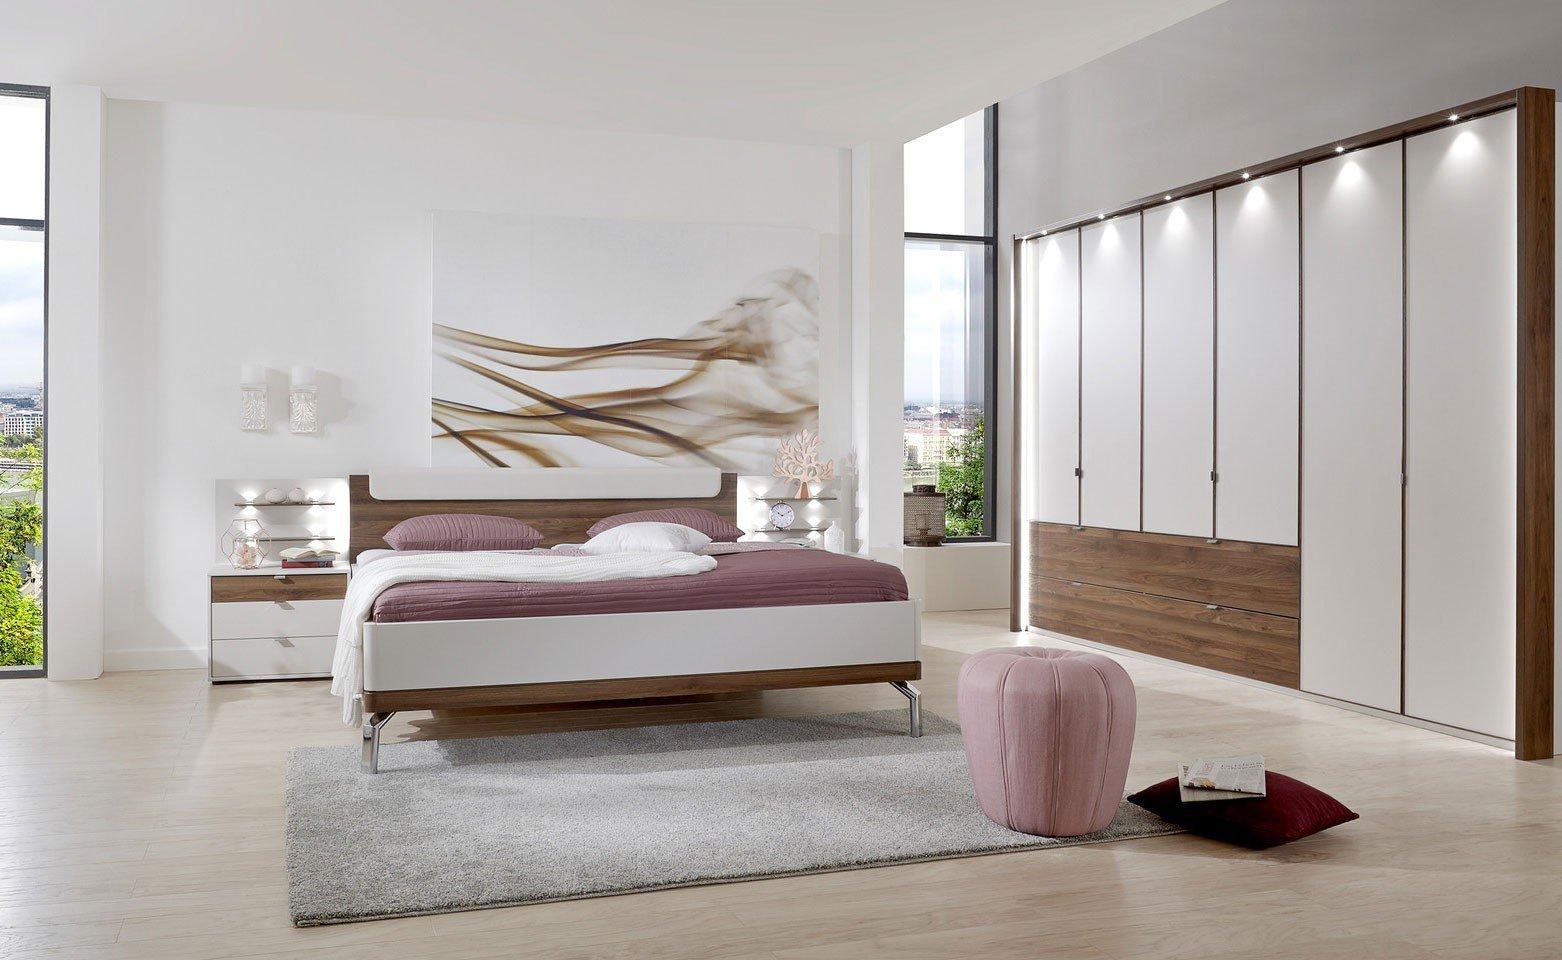 wiemann catania schlafzimmer m bel m bel letz ihr online shop. Black Bedroom Furniture Sets. Home Design Ideas